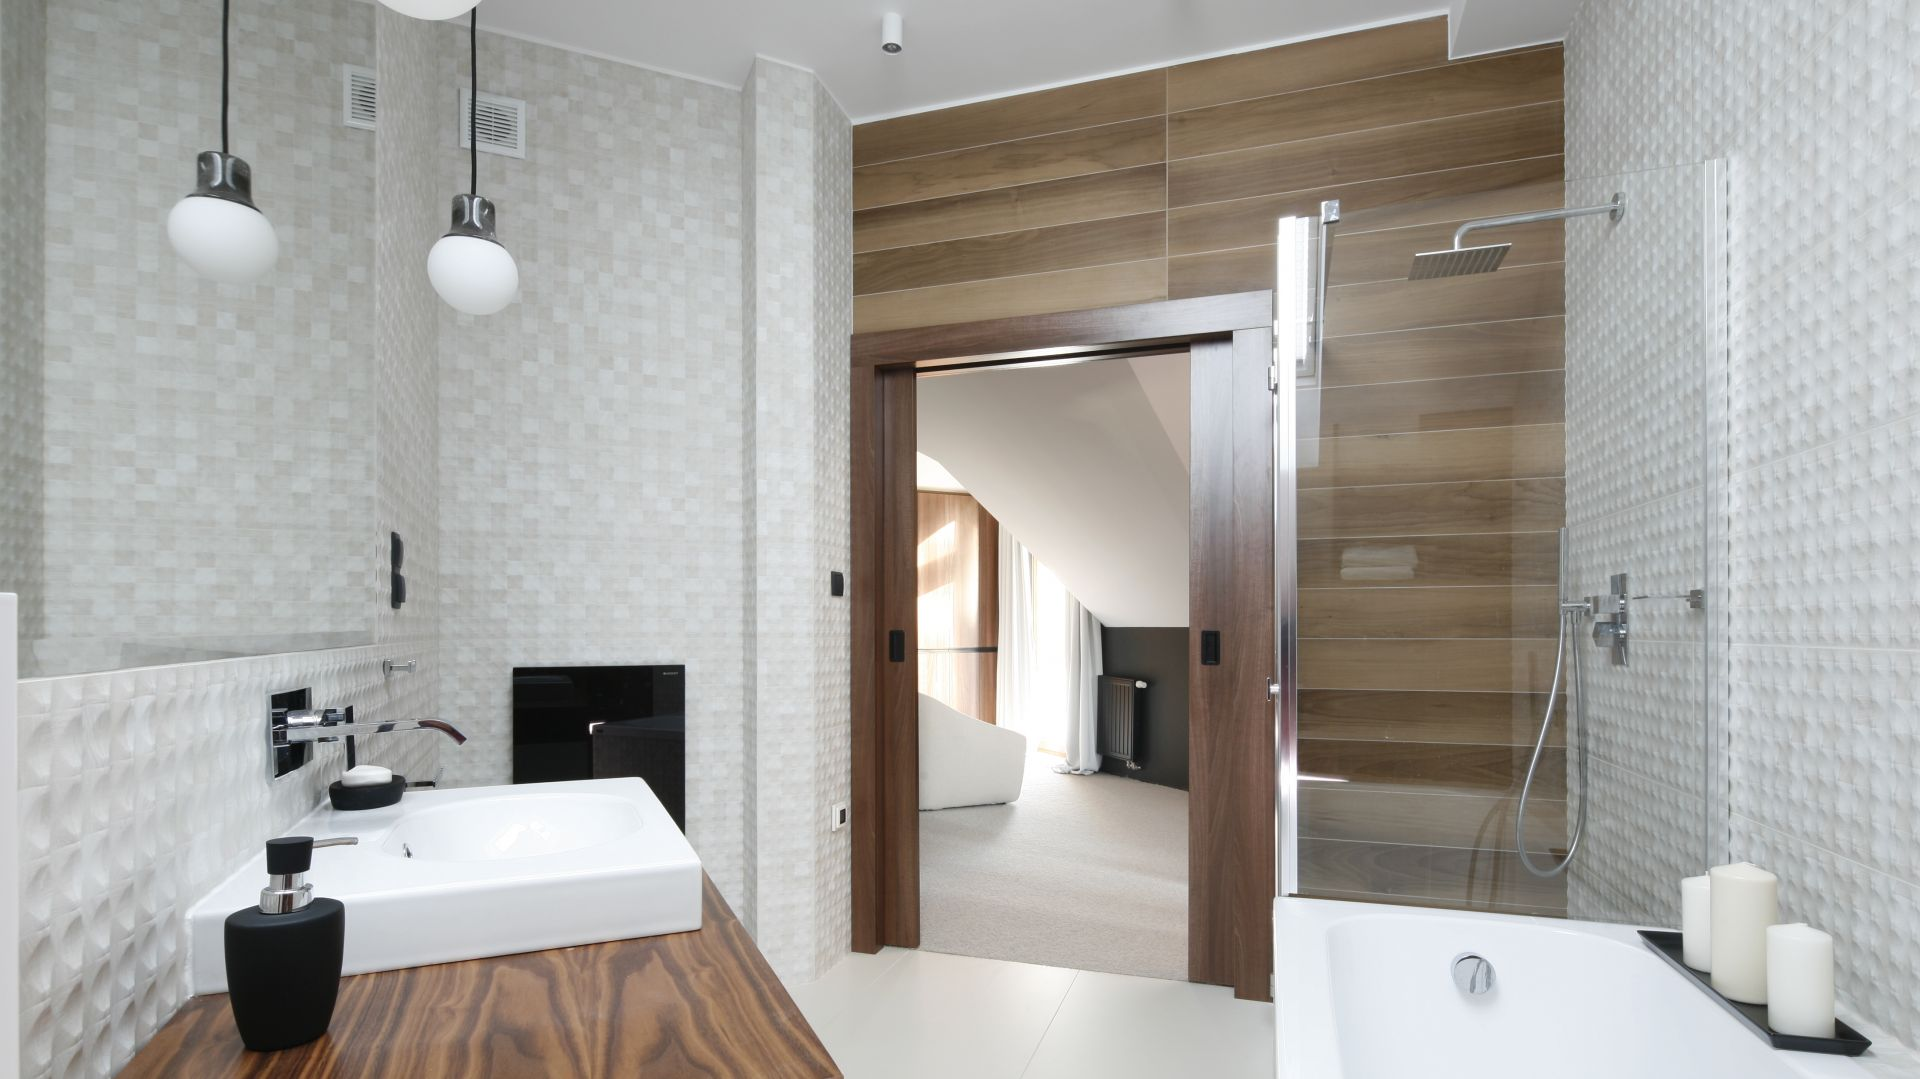 Prysznic w narożniku. Proj. Jan Sikora. Fot. Bartosz Jarosz